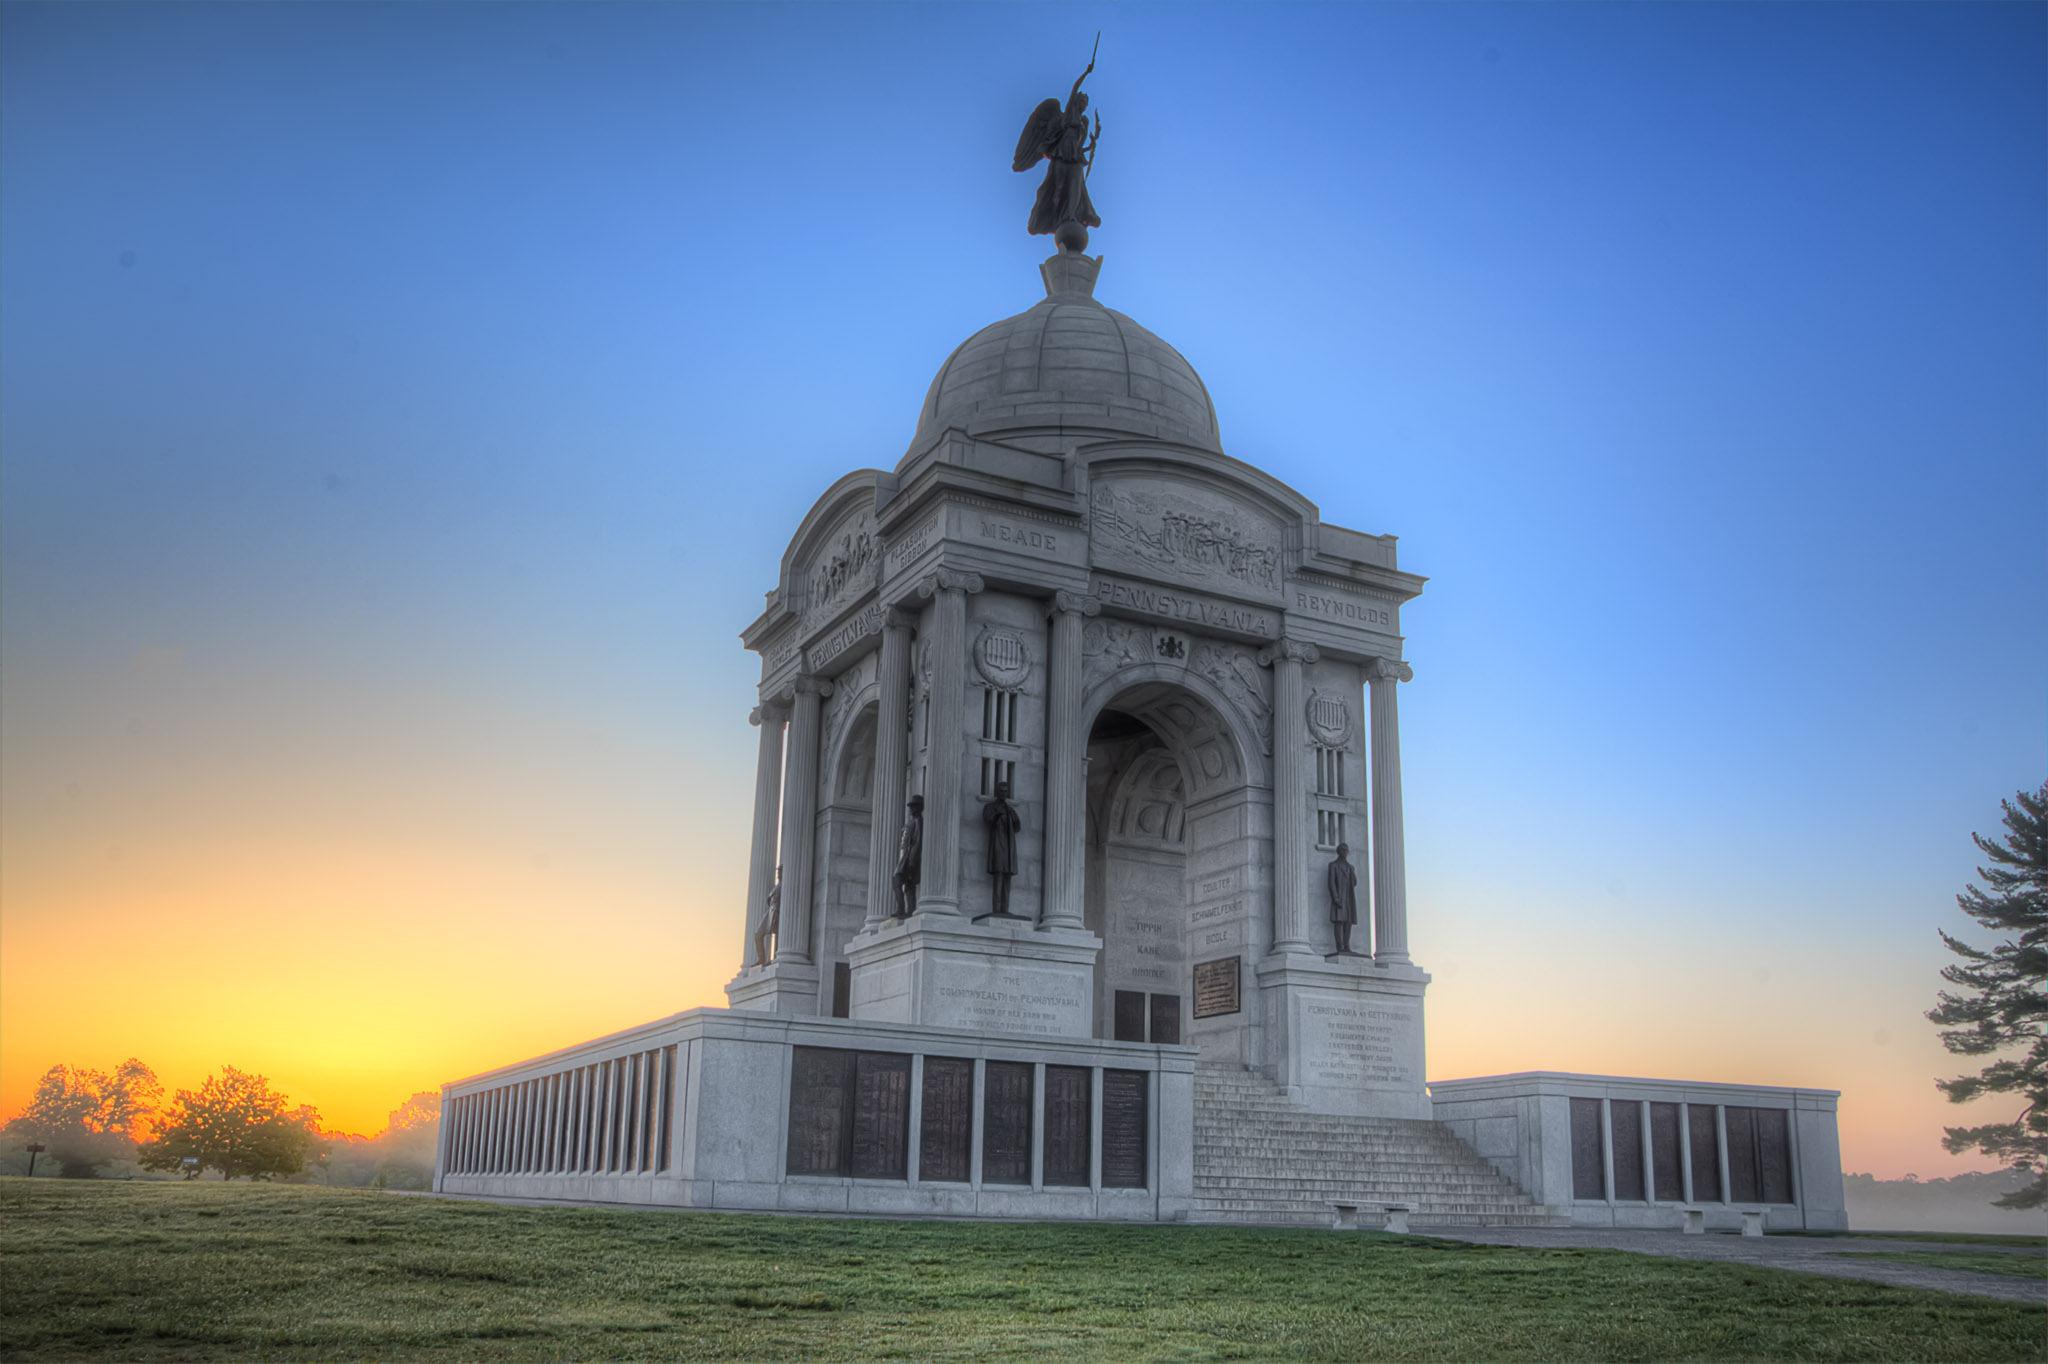 Monumento en Pennsylvania - 2048x1364